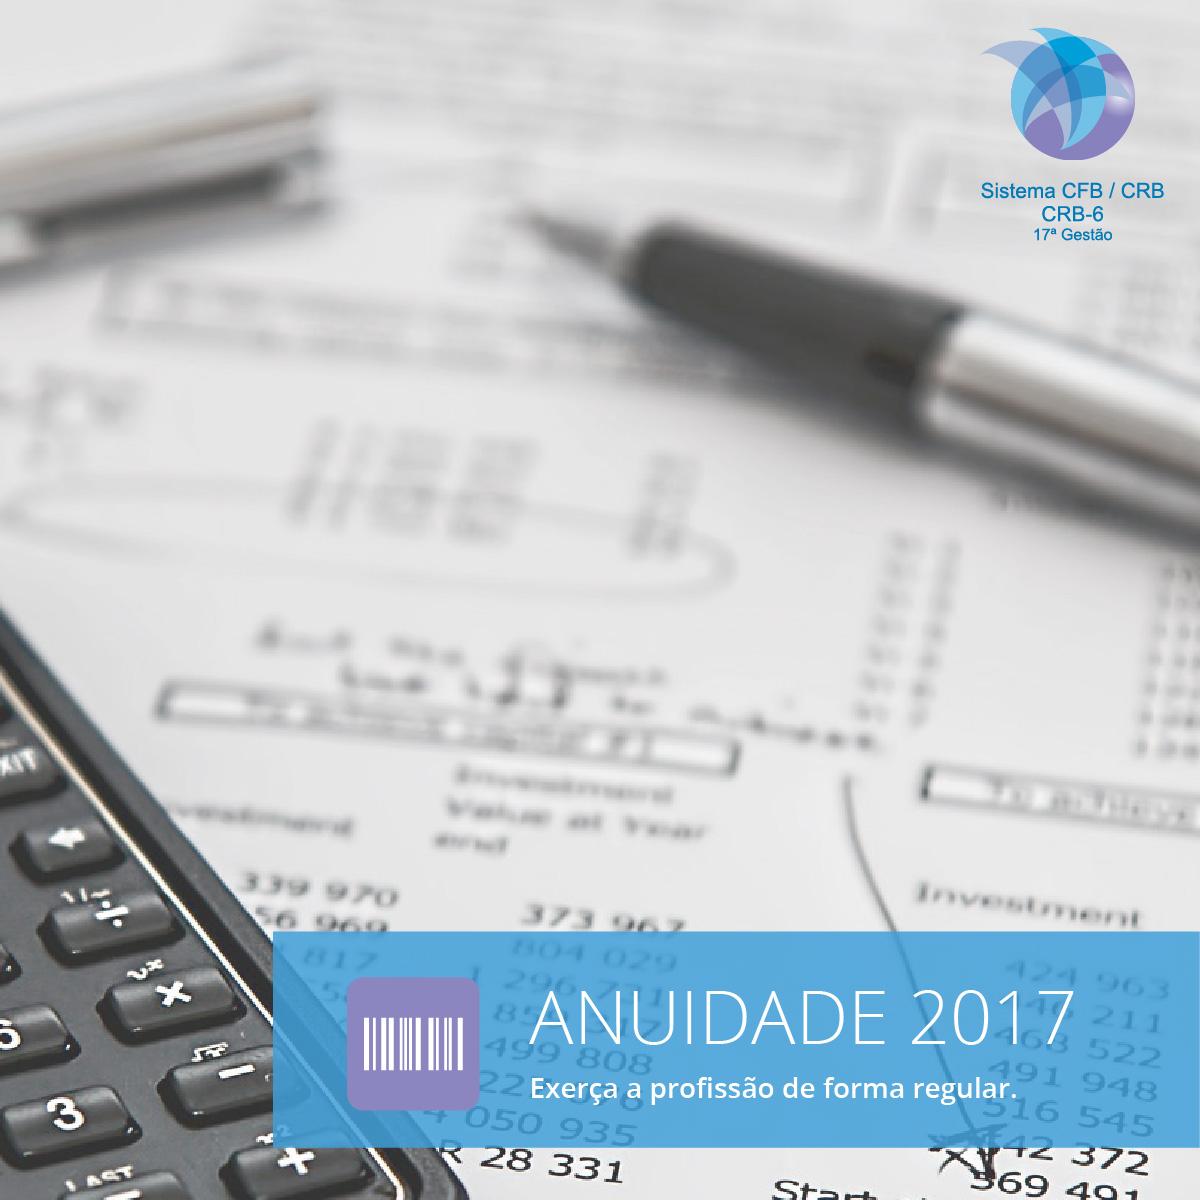 anuidade-crb-6-2017